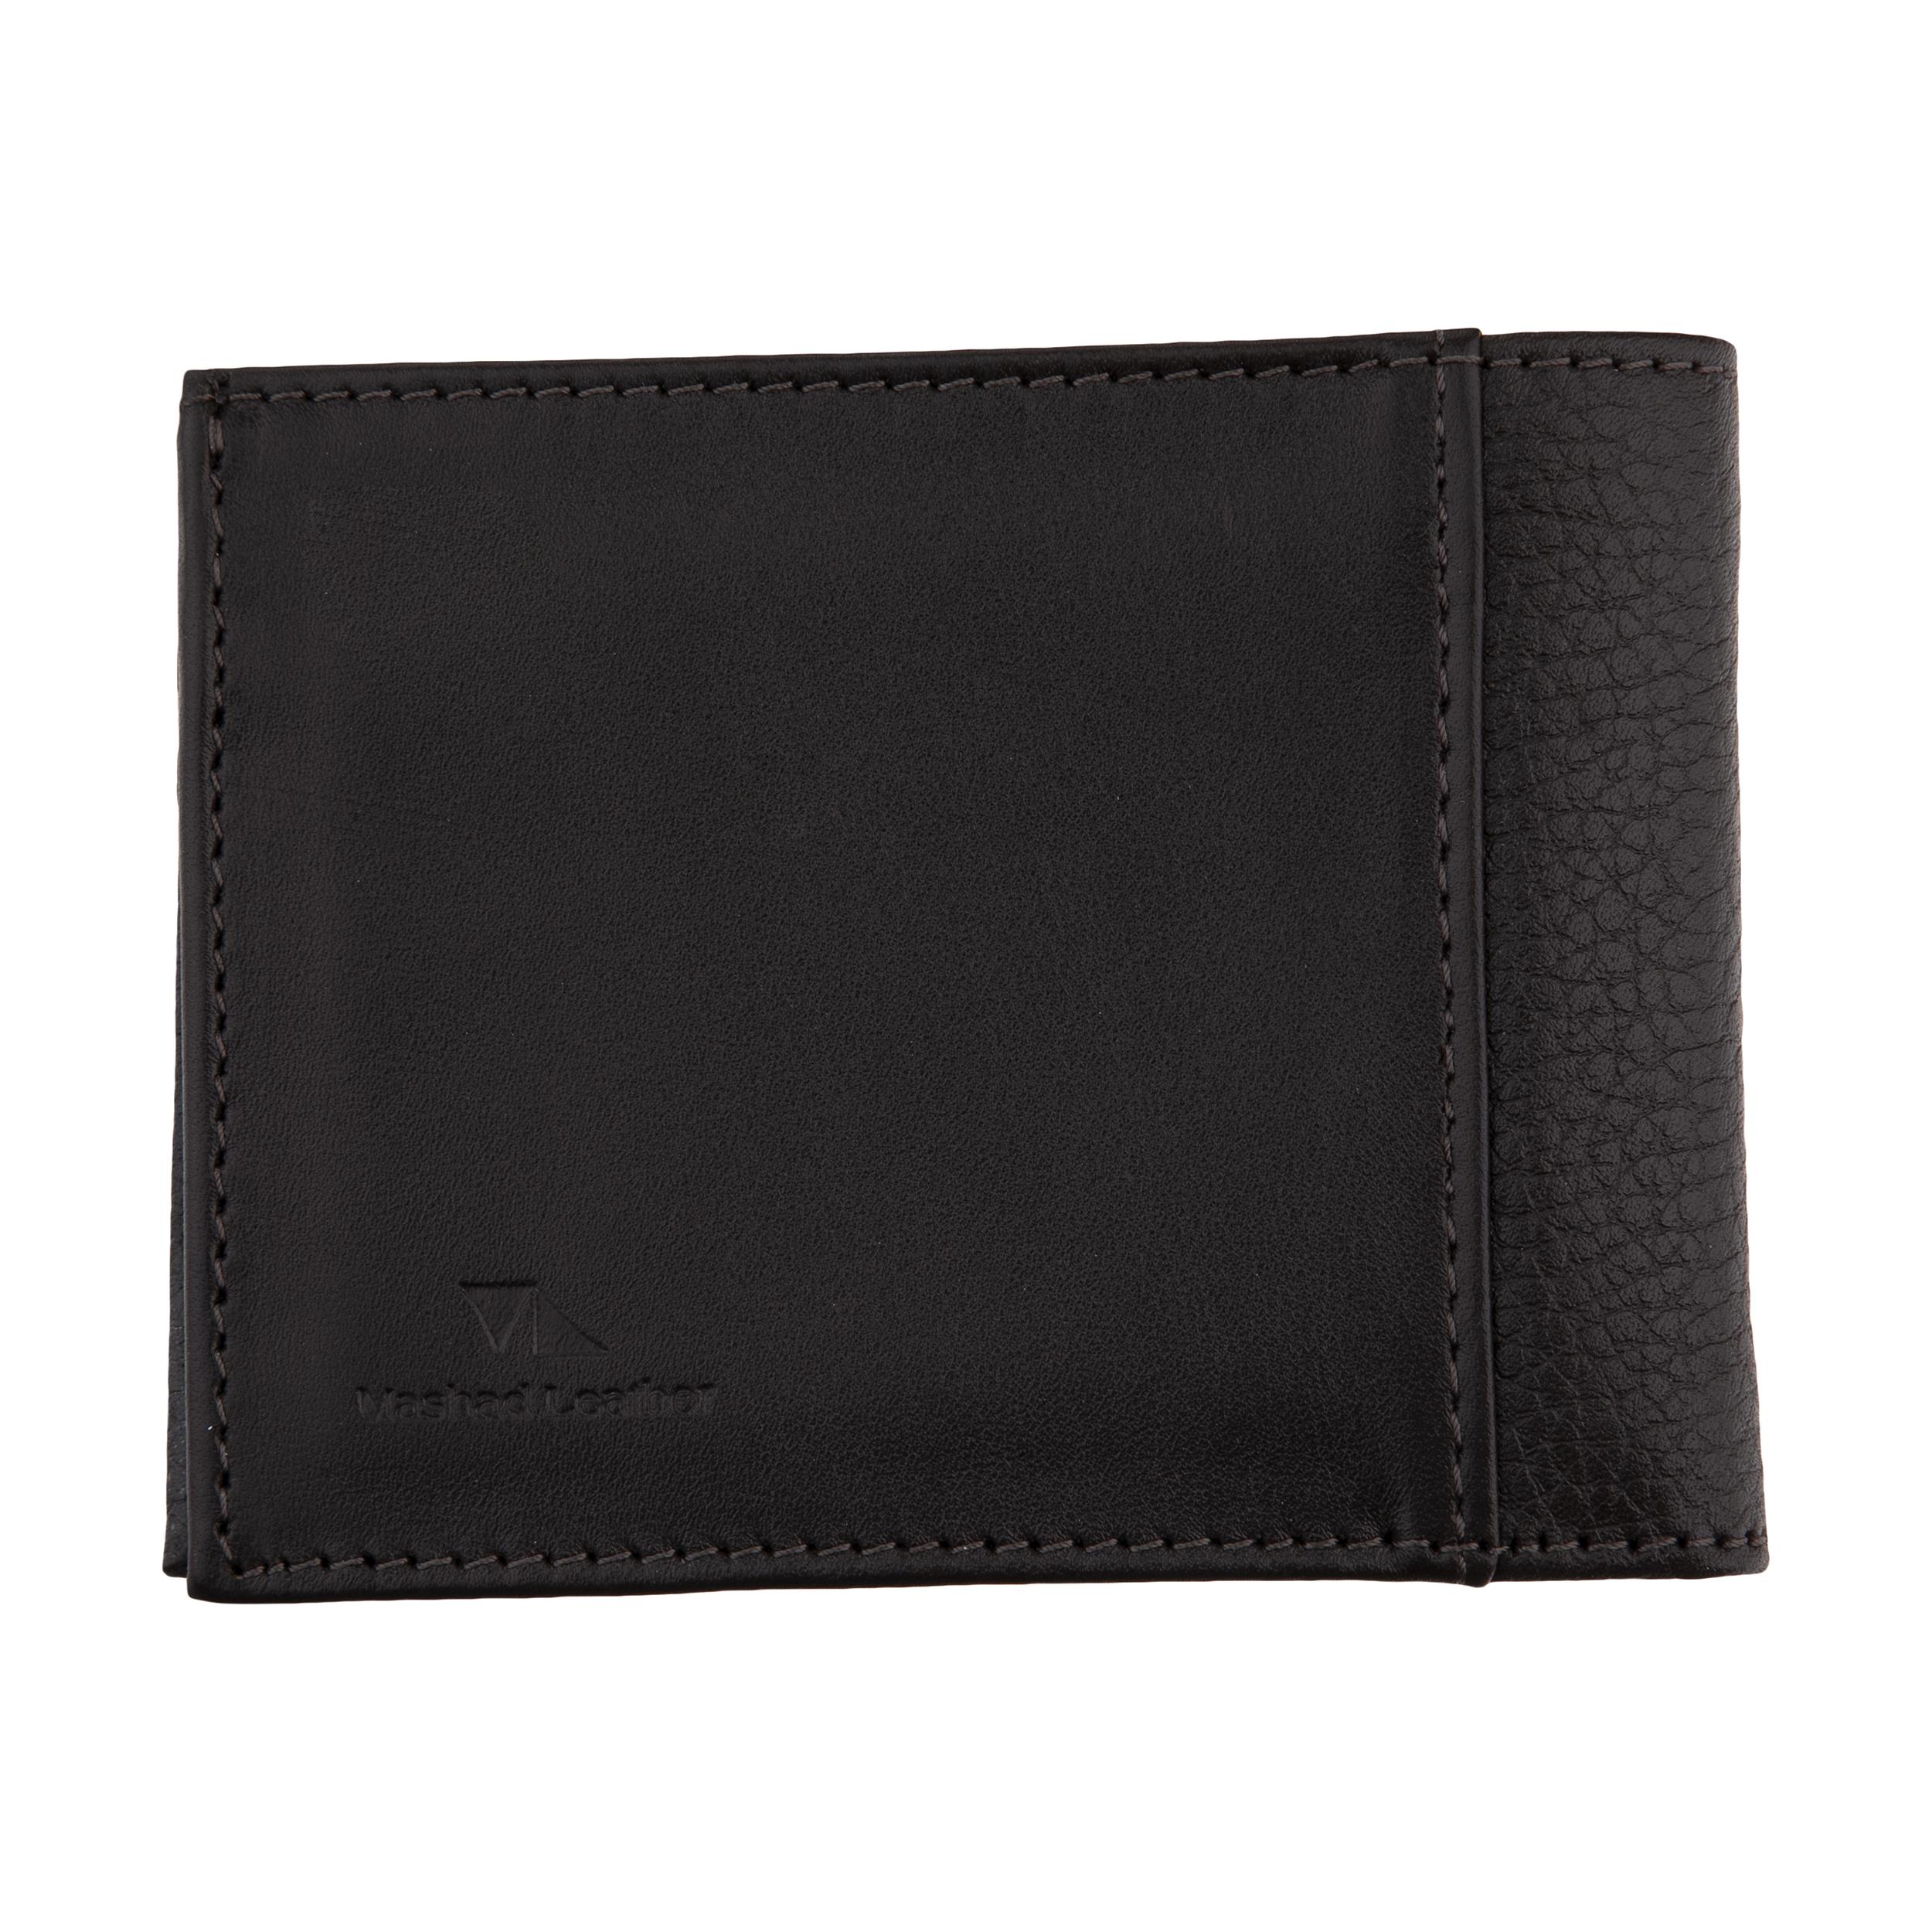 کیف پول مردانه چرم مشهد مدل D0608-091